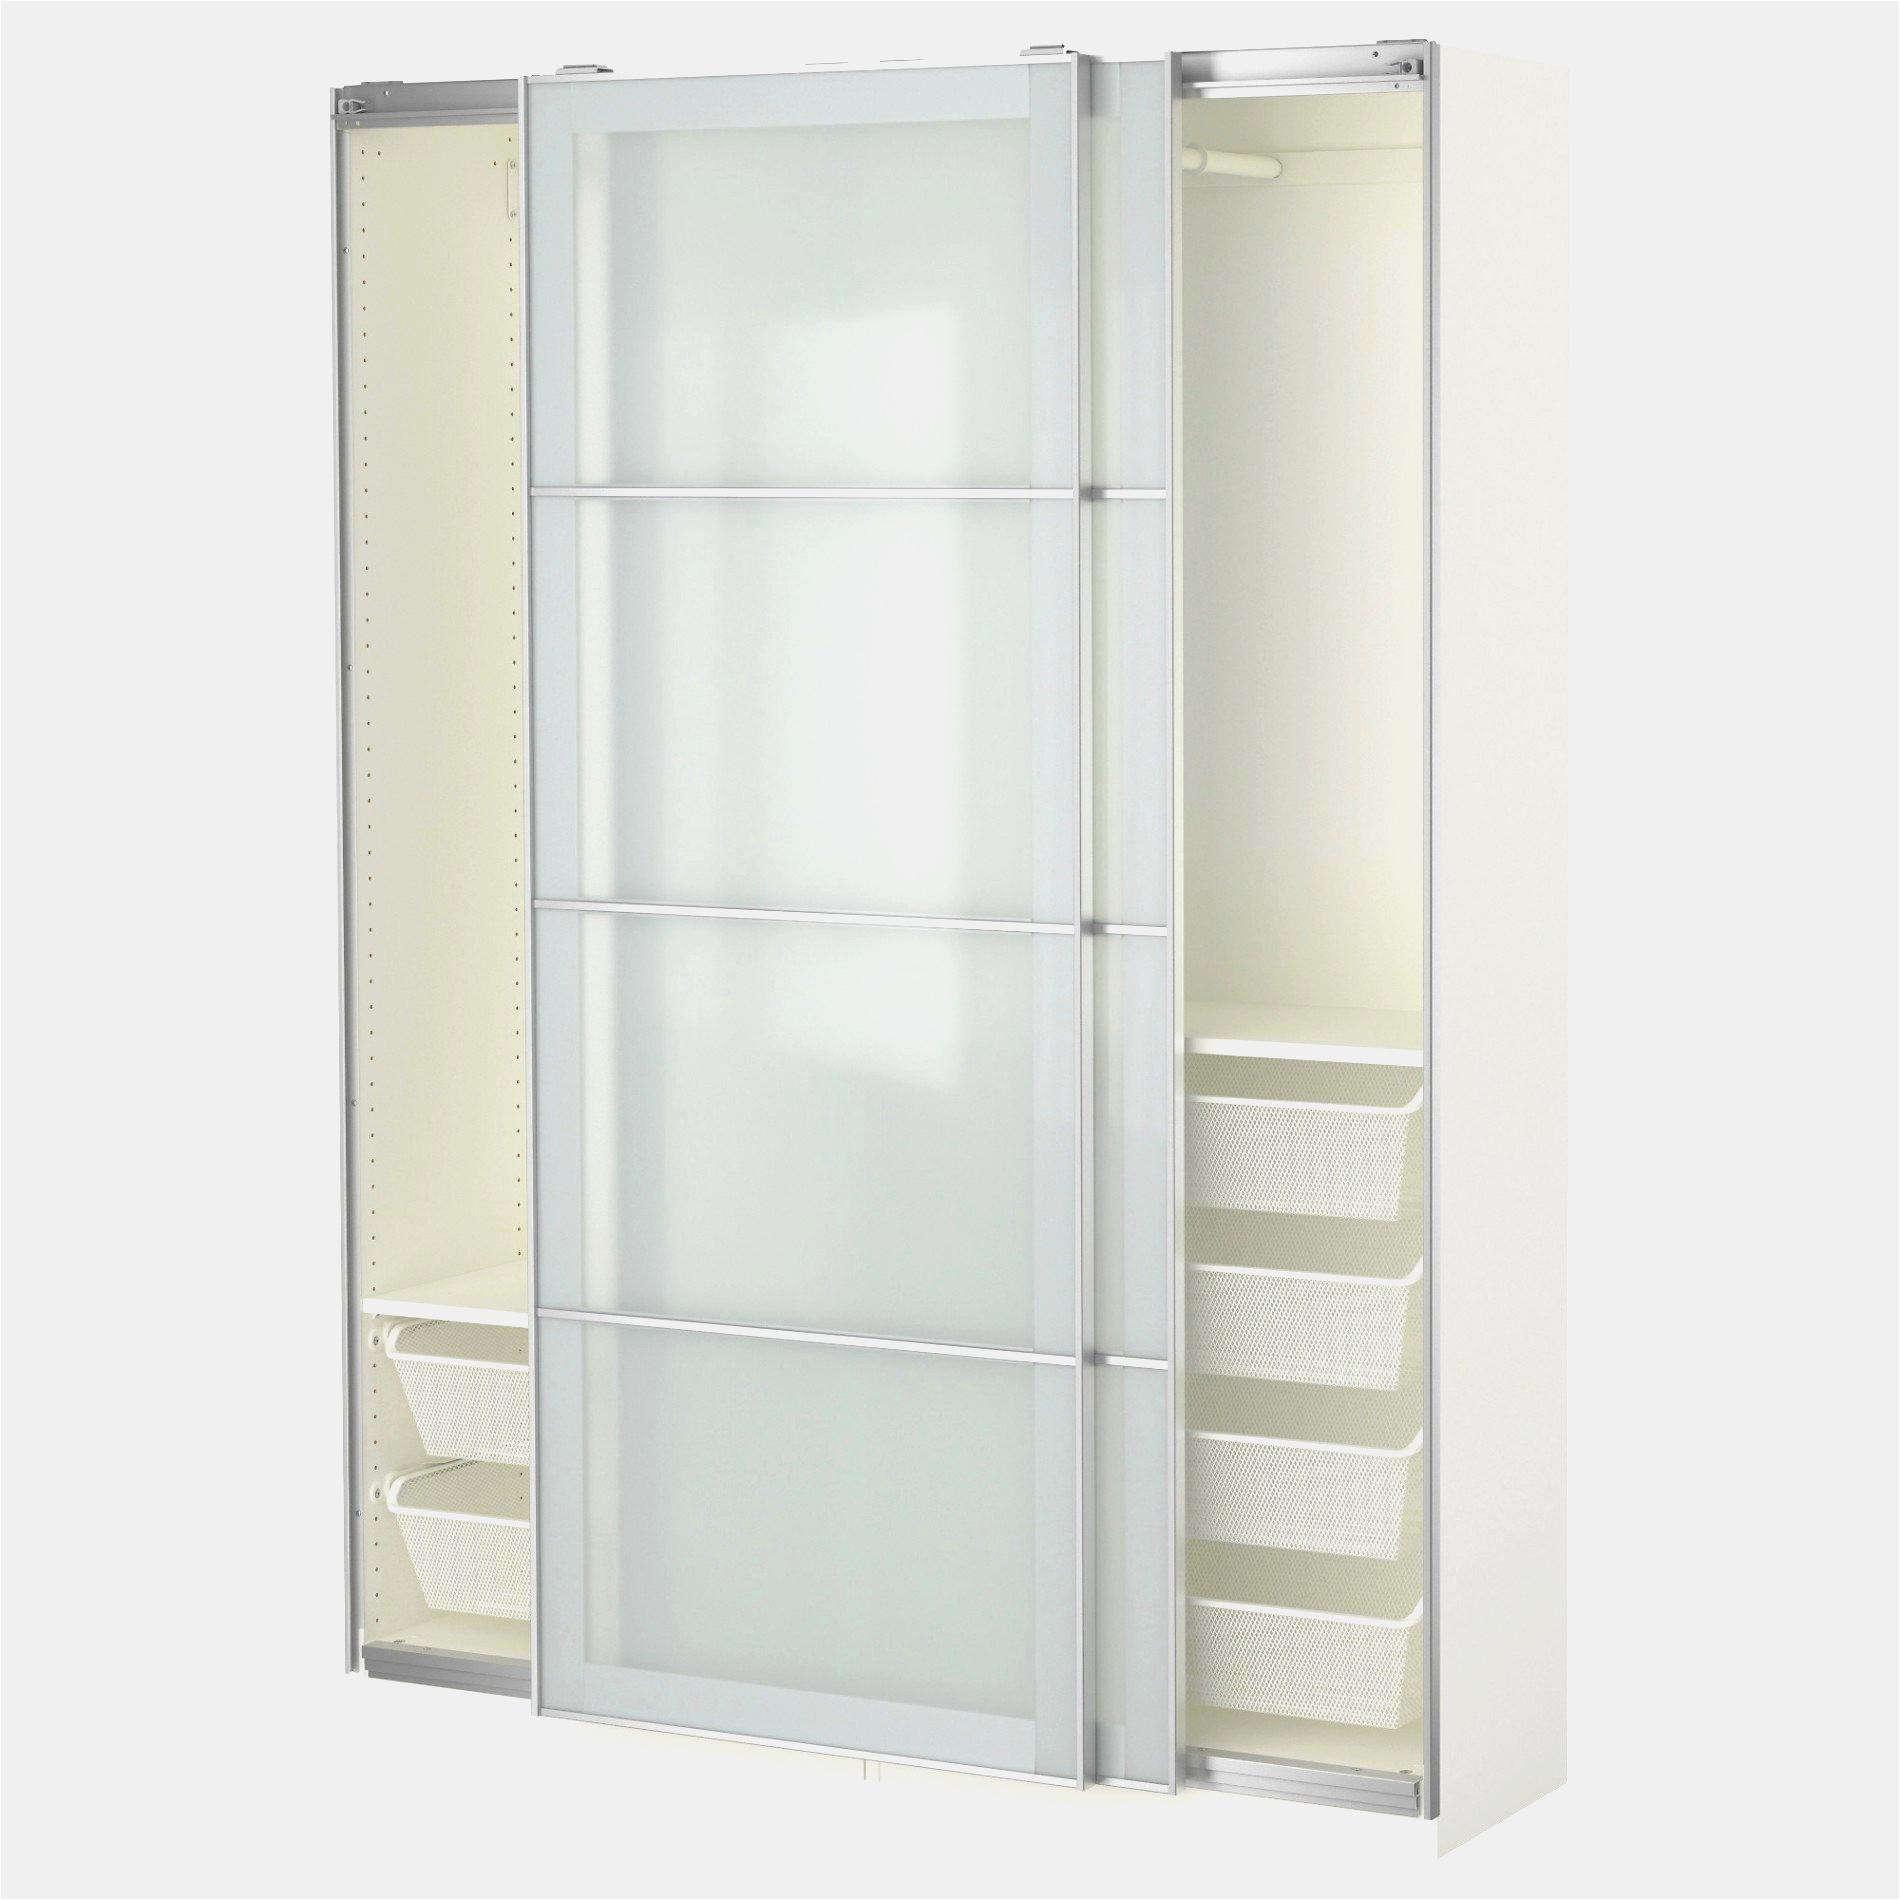 Badezimmerschrank Spiegel Spiegel Für Badezimmer Aukin